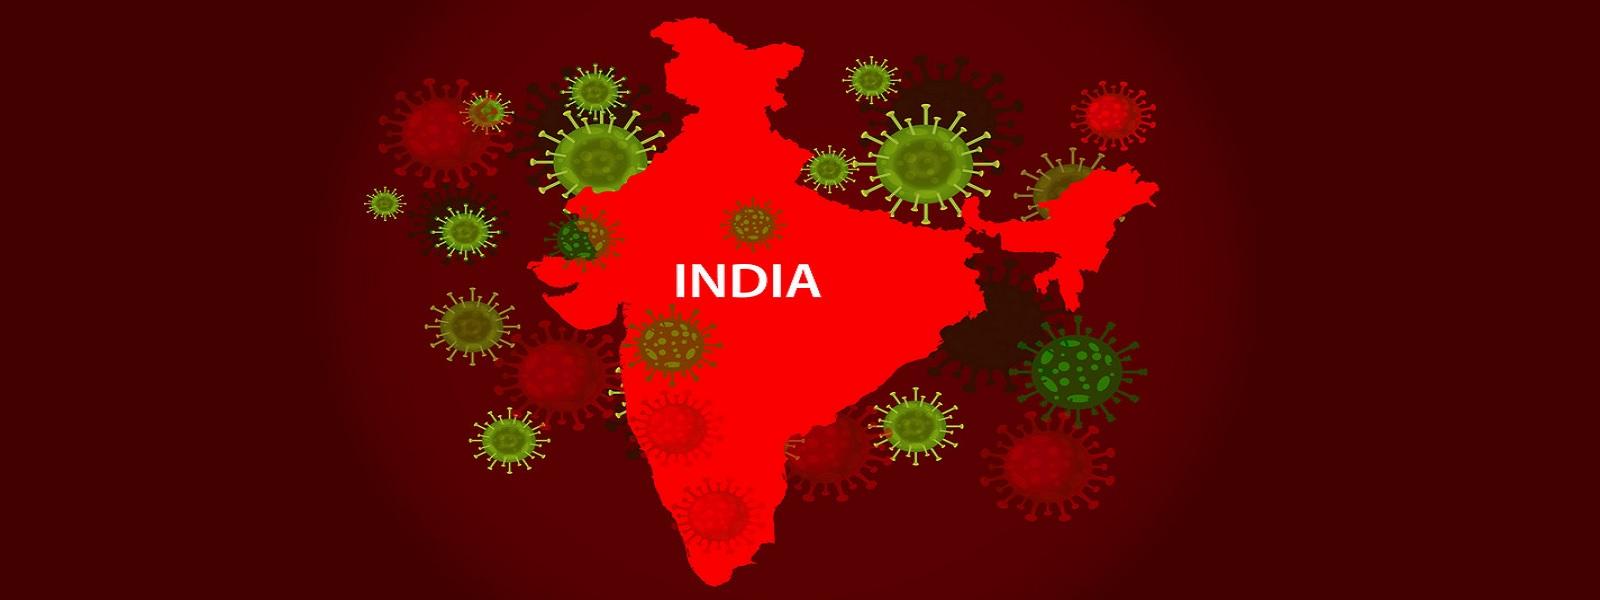 இந்தியாவில் மீண்டும் கொரோனா தொற்று அதிகரிப்பு